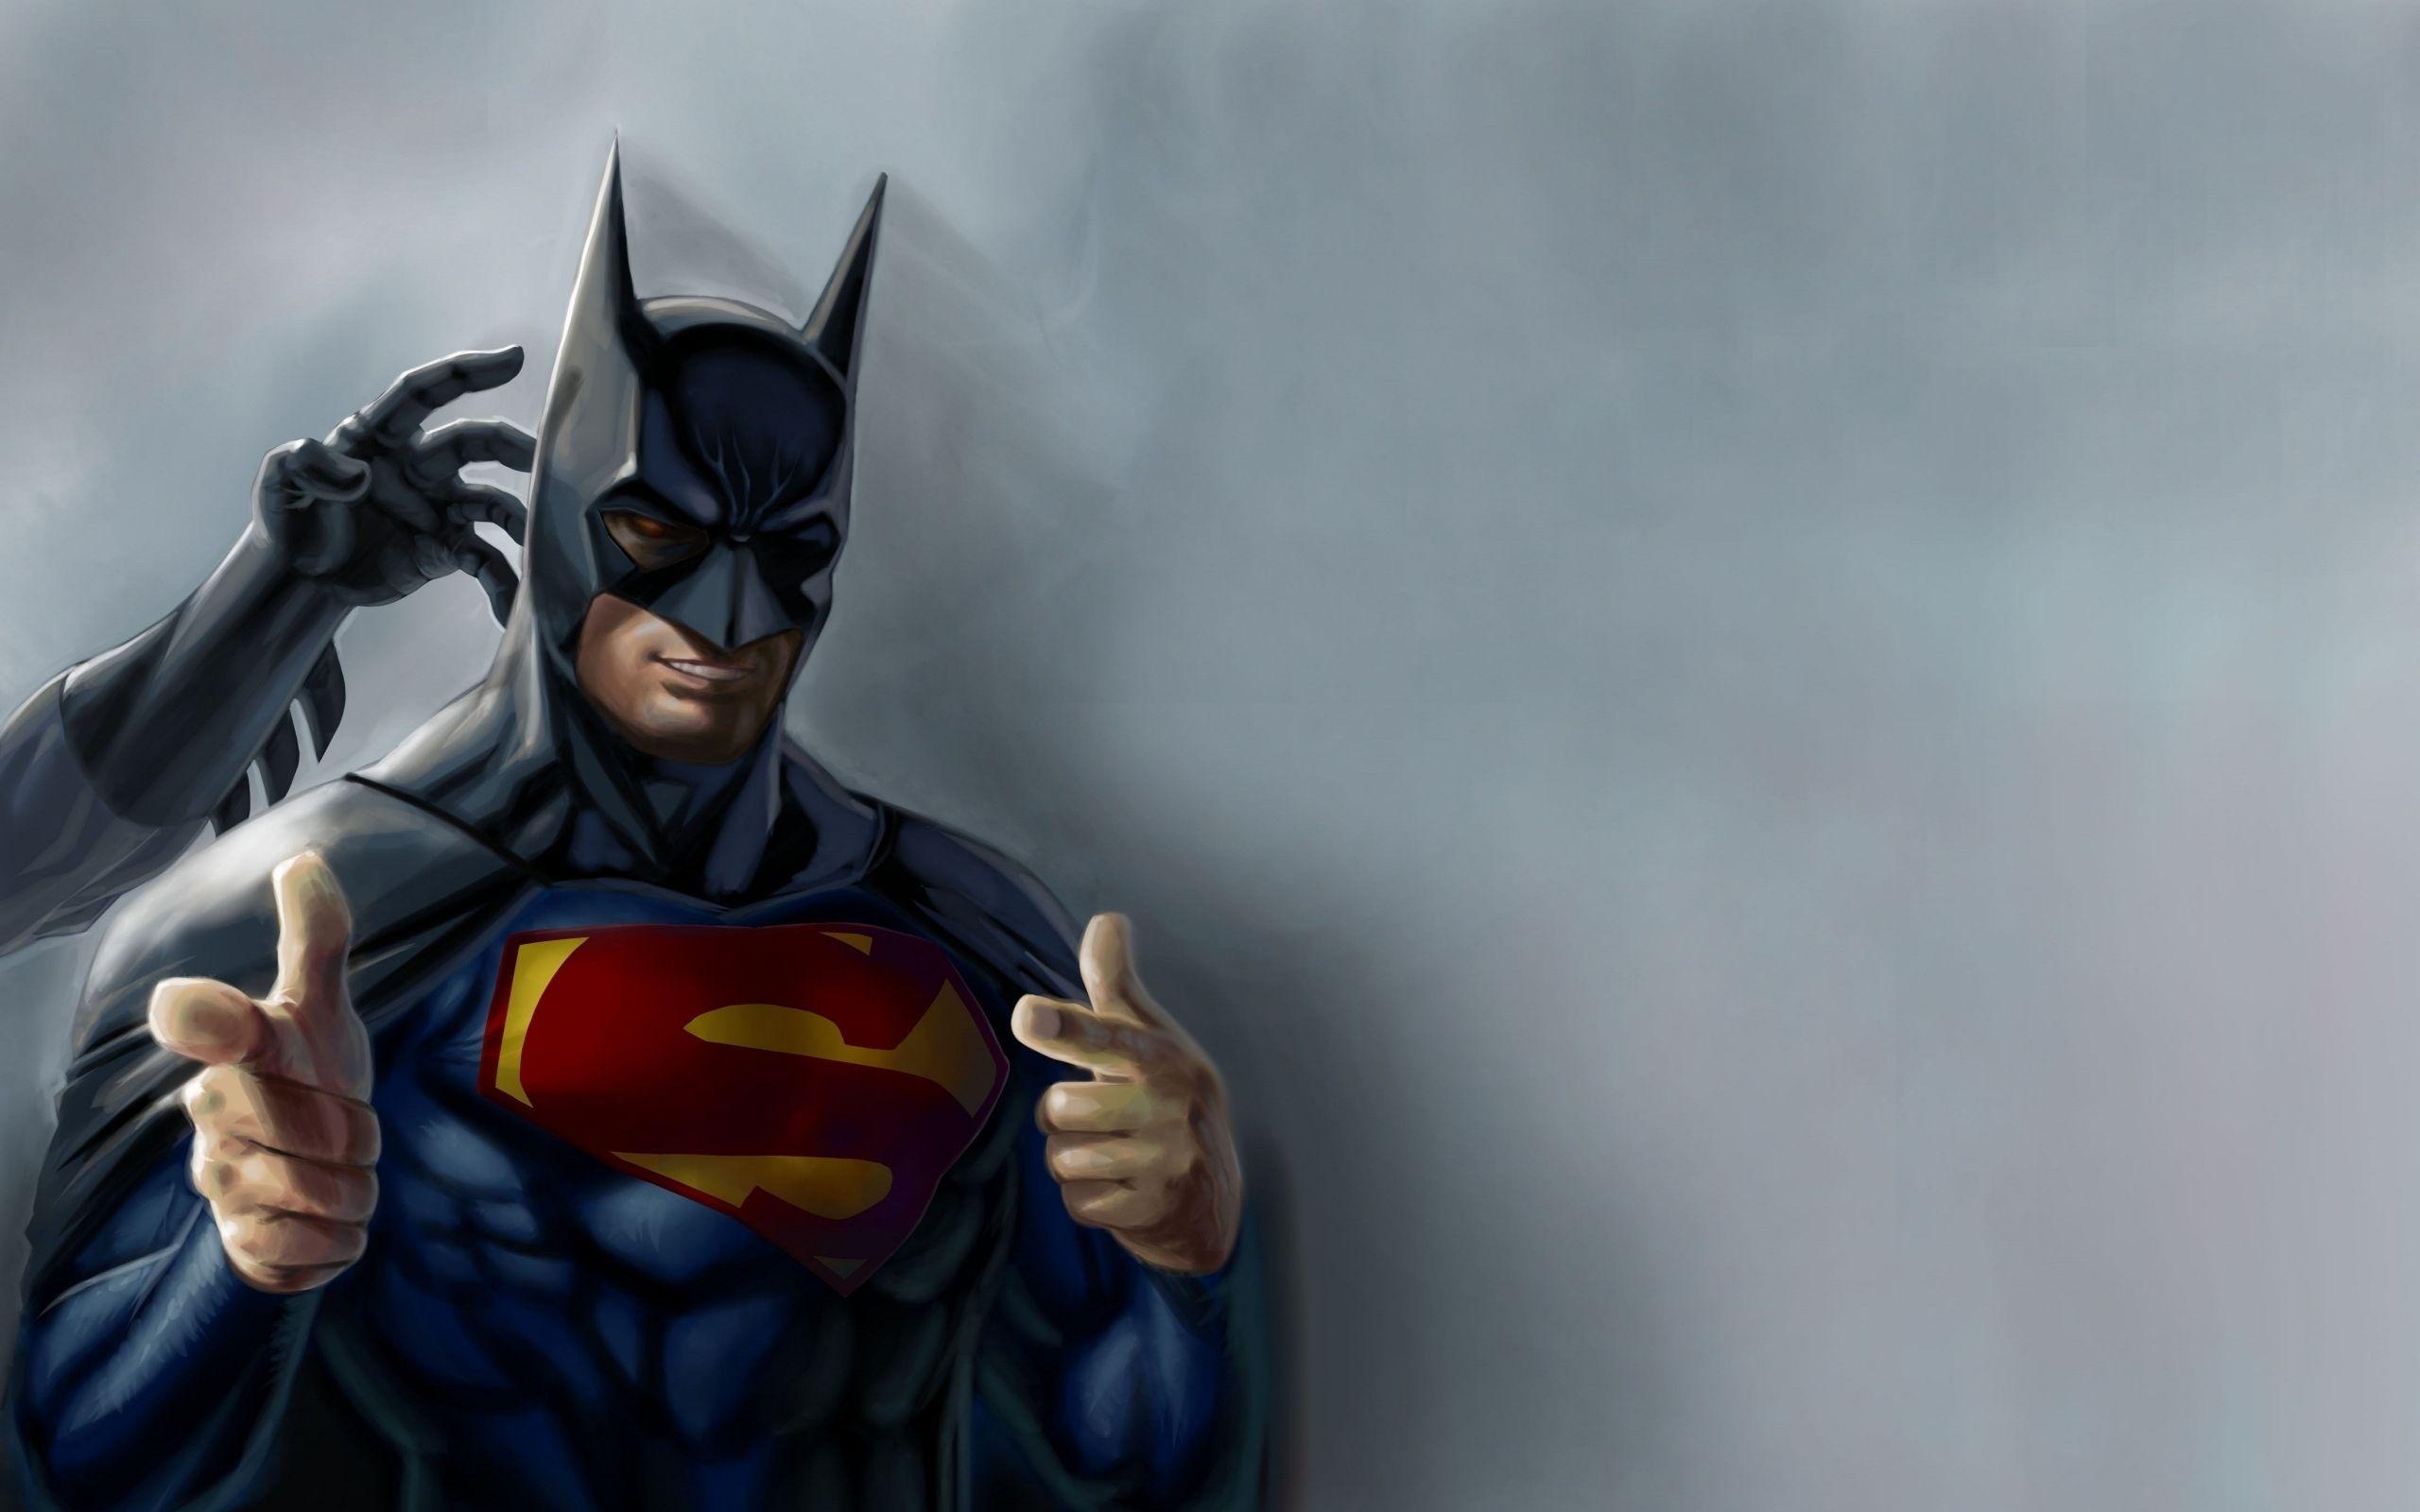 Hình nền siêu anh hùng 2560x1600, Bộ sưu tập nền 40 siêu anh hùng